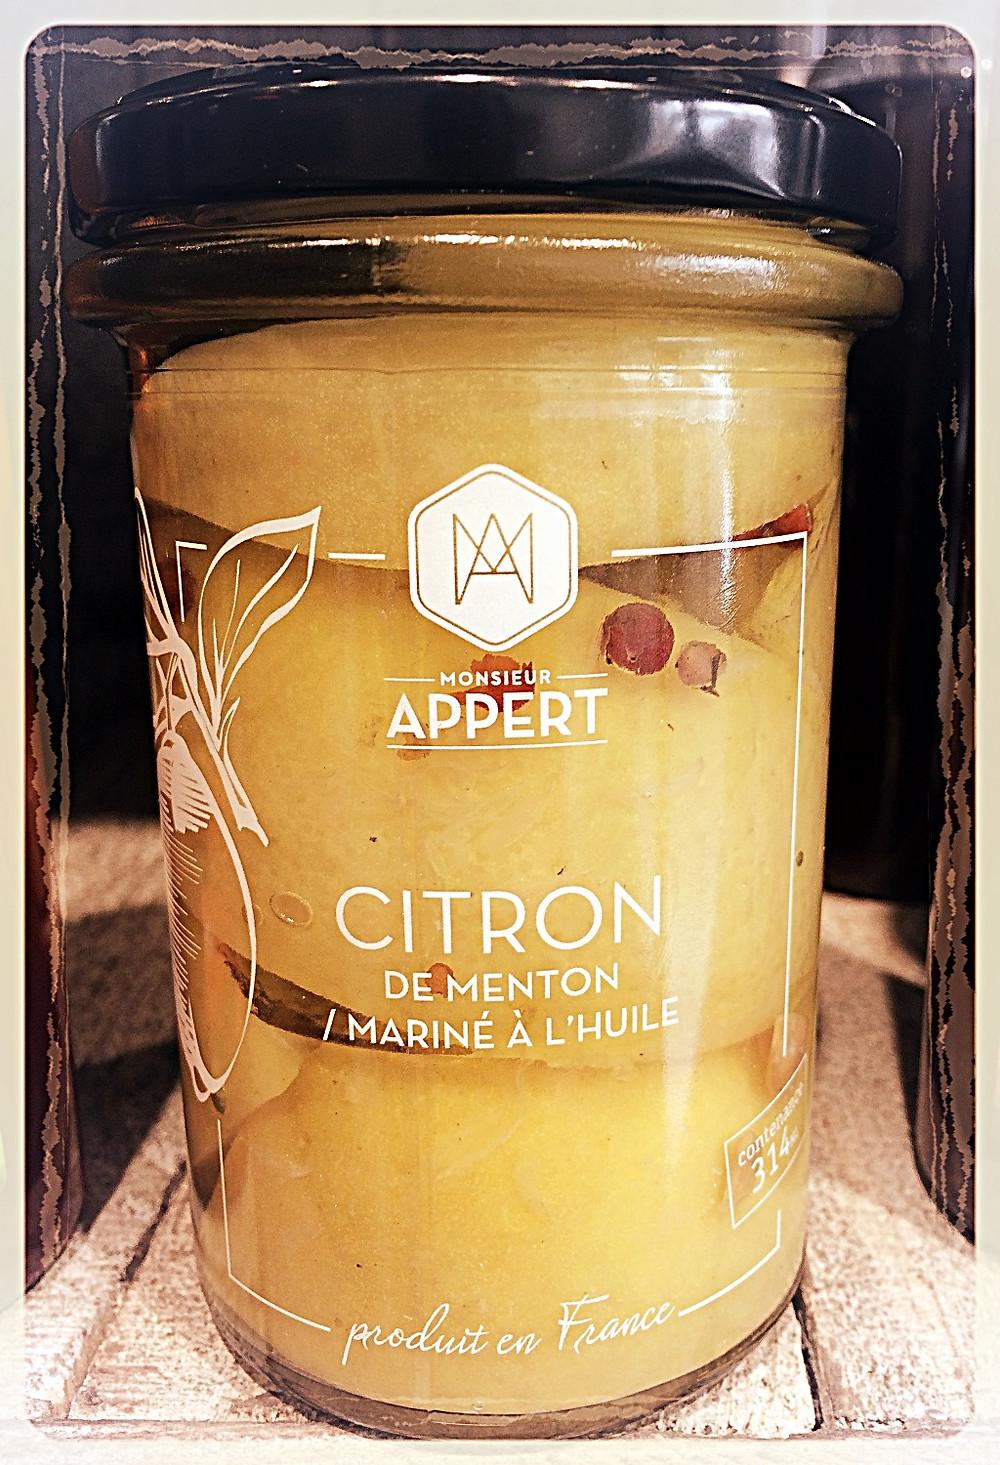 Citrons de Menton marinés Monsieur Appert ©Clémentine Chauveau